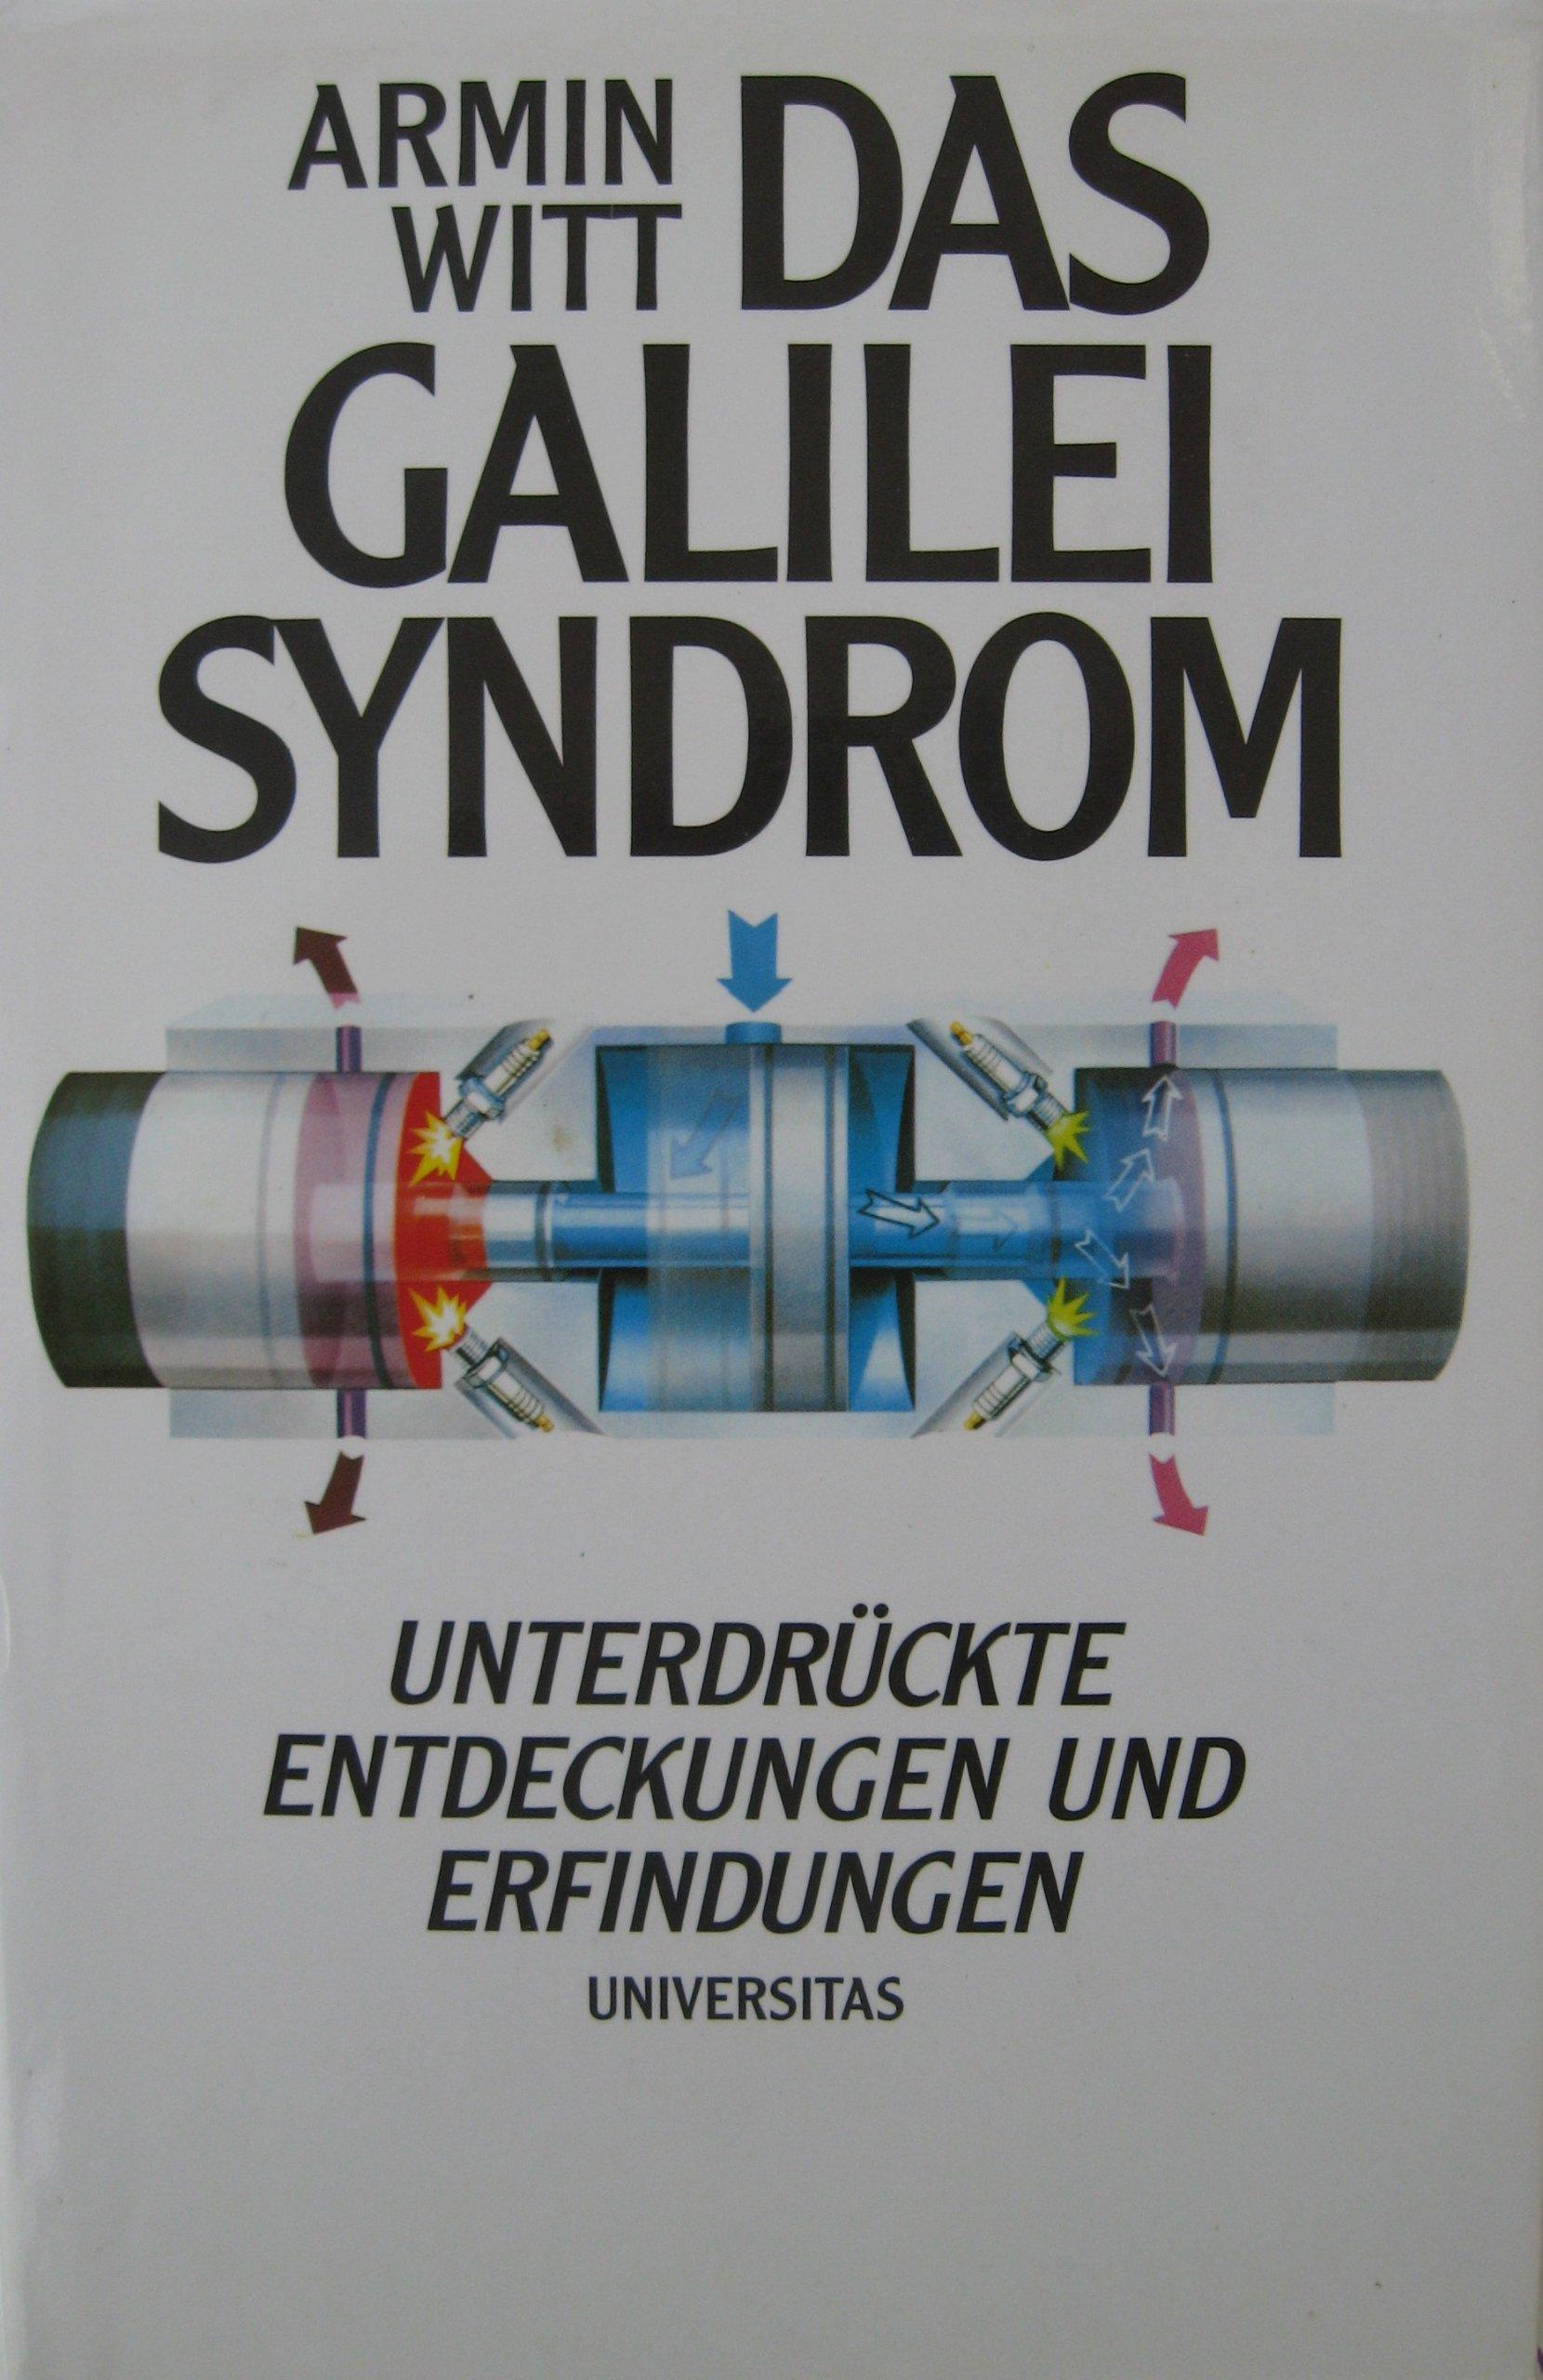 Das Galilei Syndrom. Unterdrückte Entdeckungen und Erfindungen